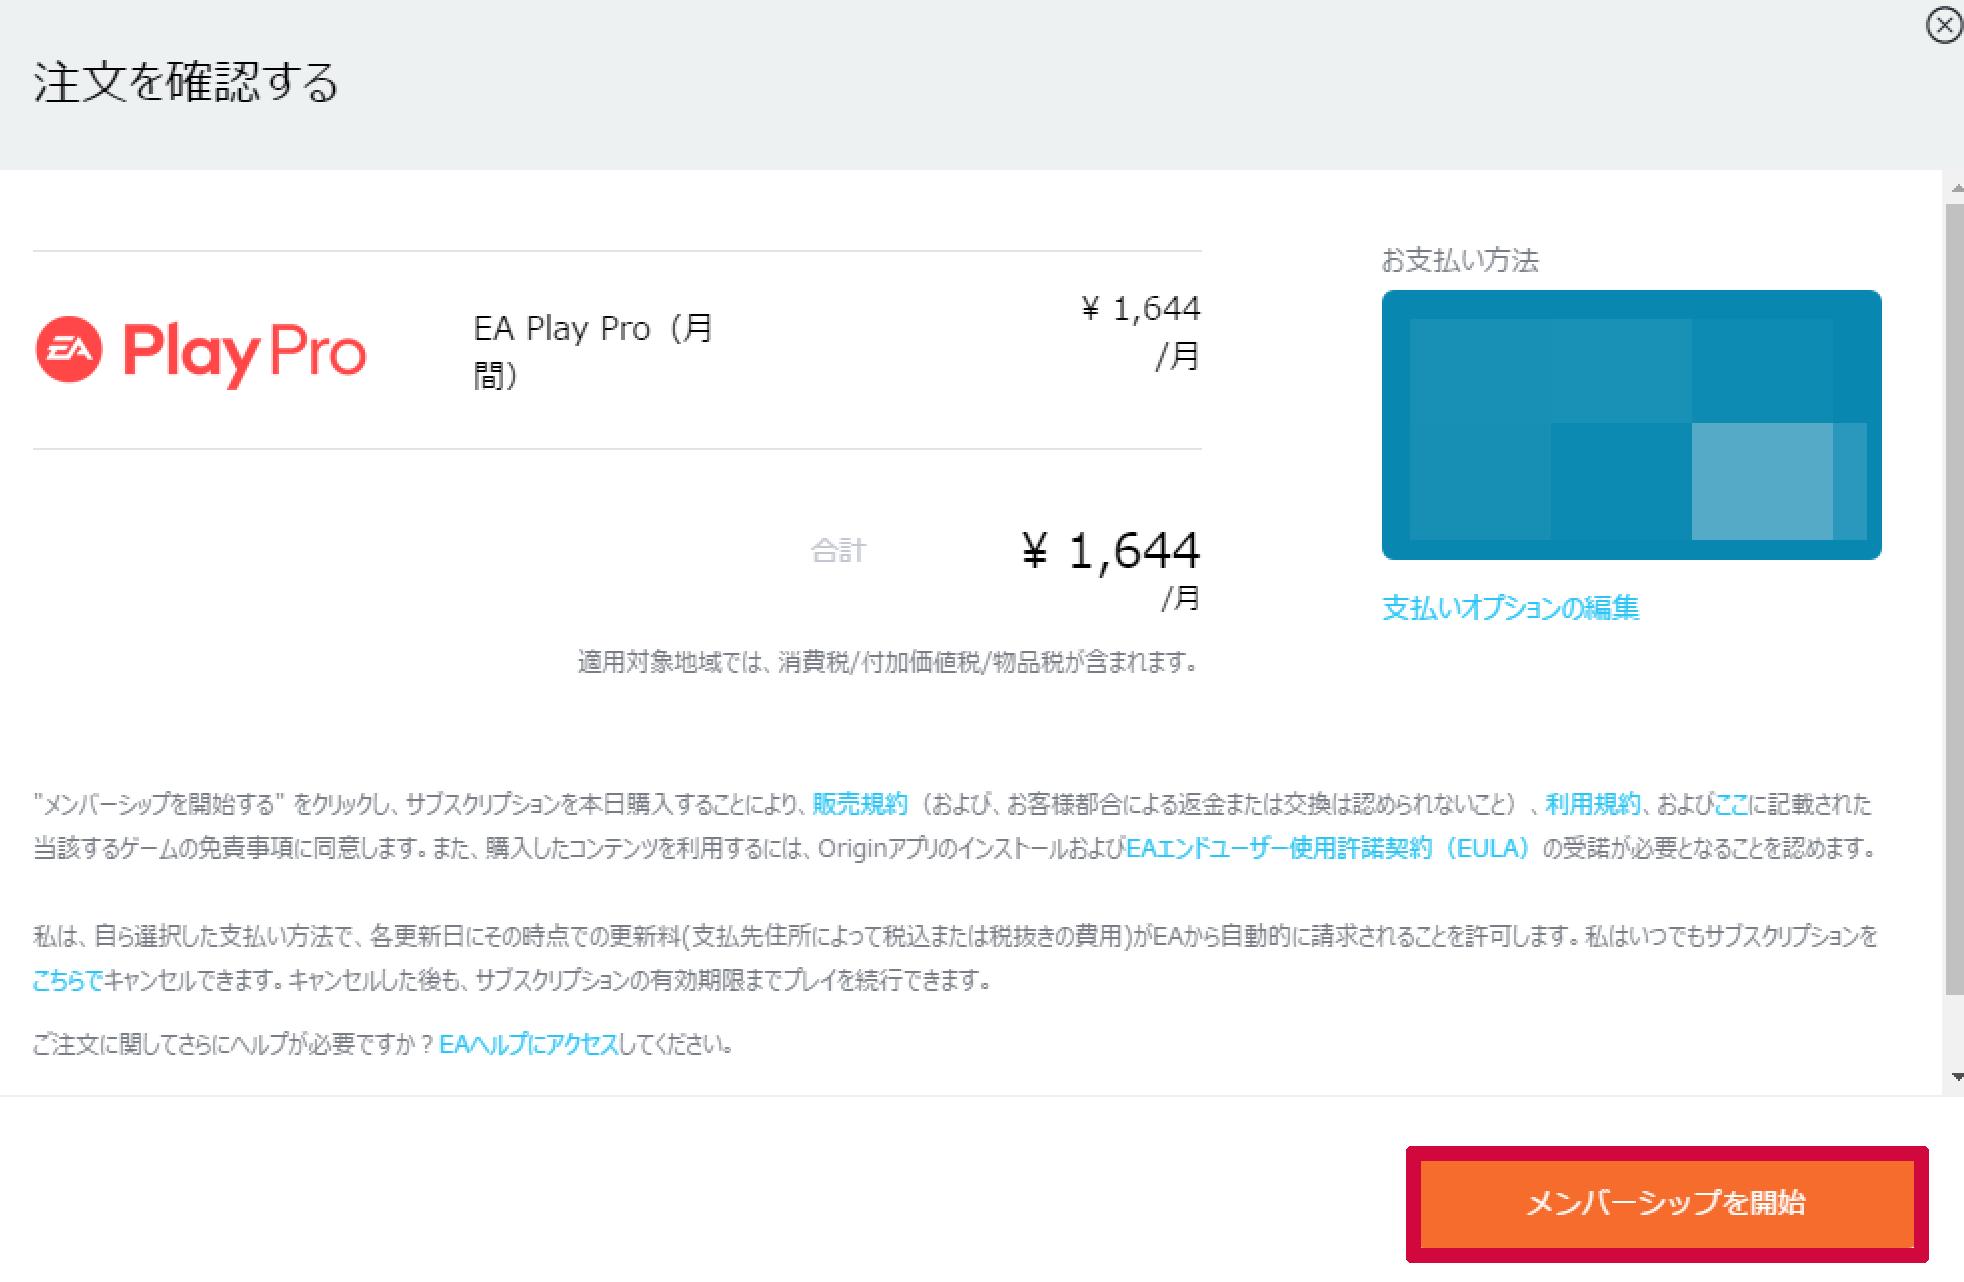 クレジットカードでの支払いの場合は注文を確認するの画面が表示されるのでメンバーシップを開始をクリックする